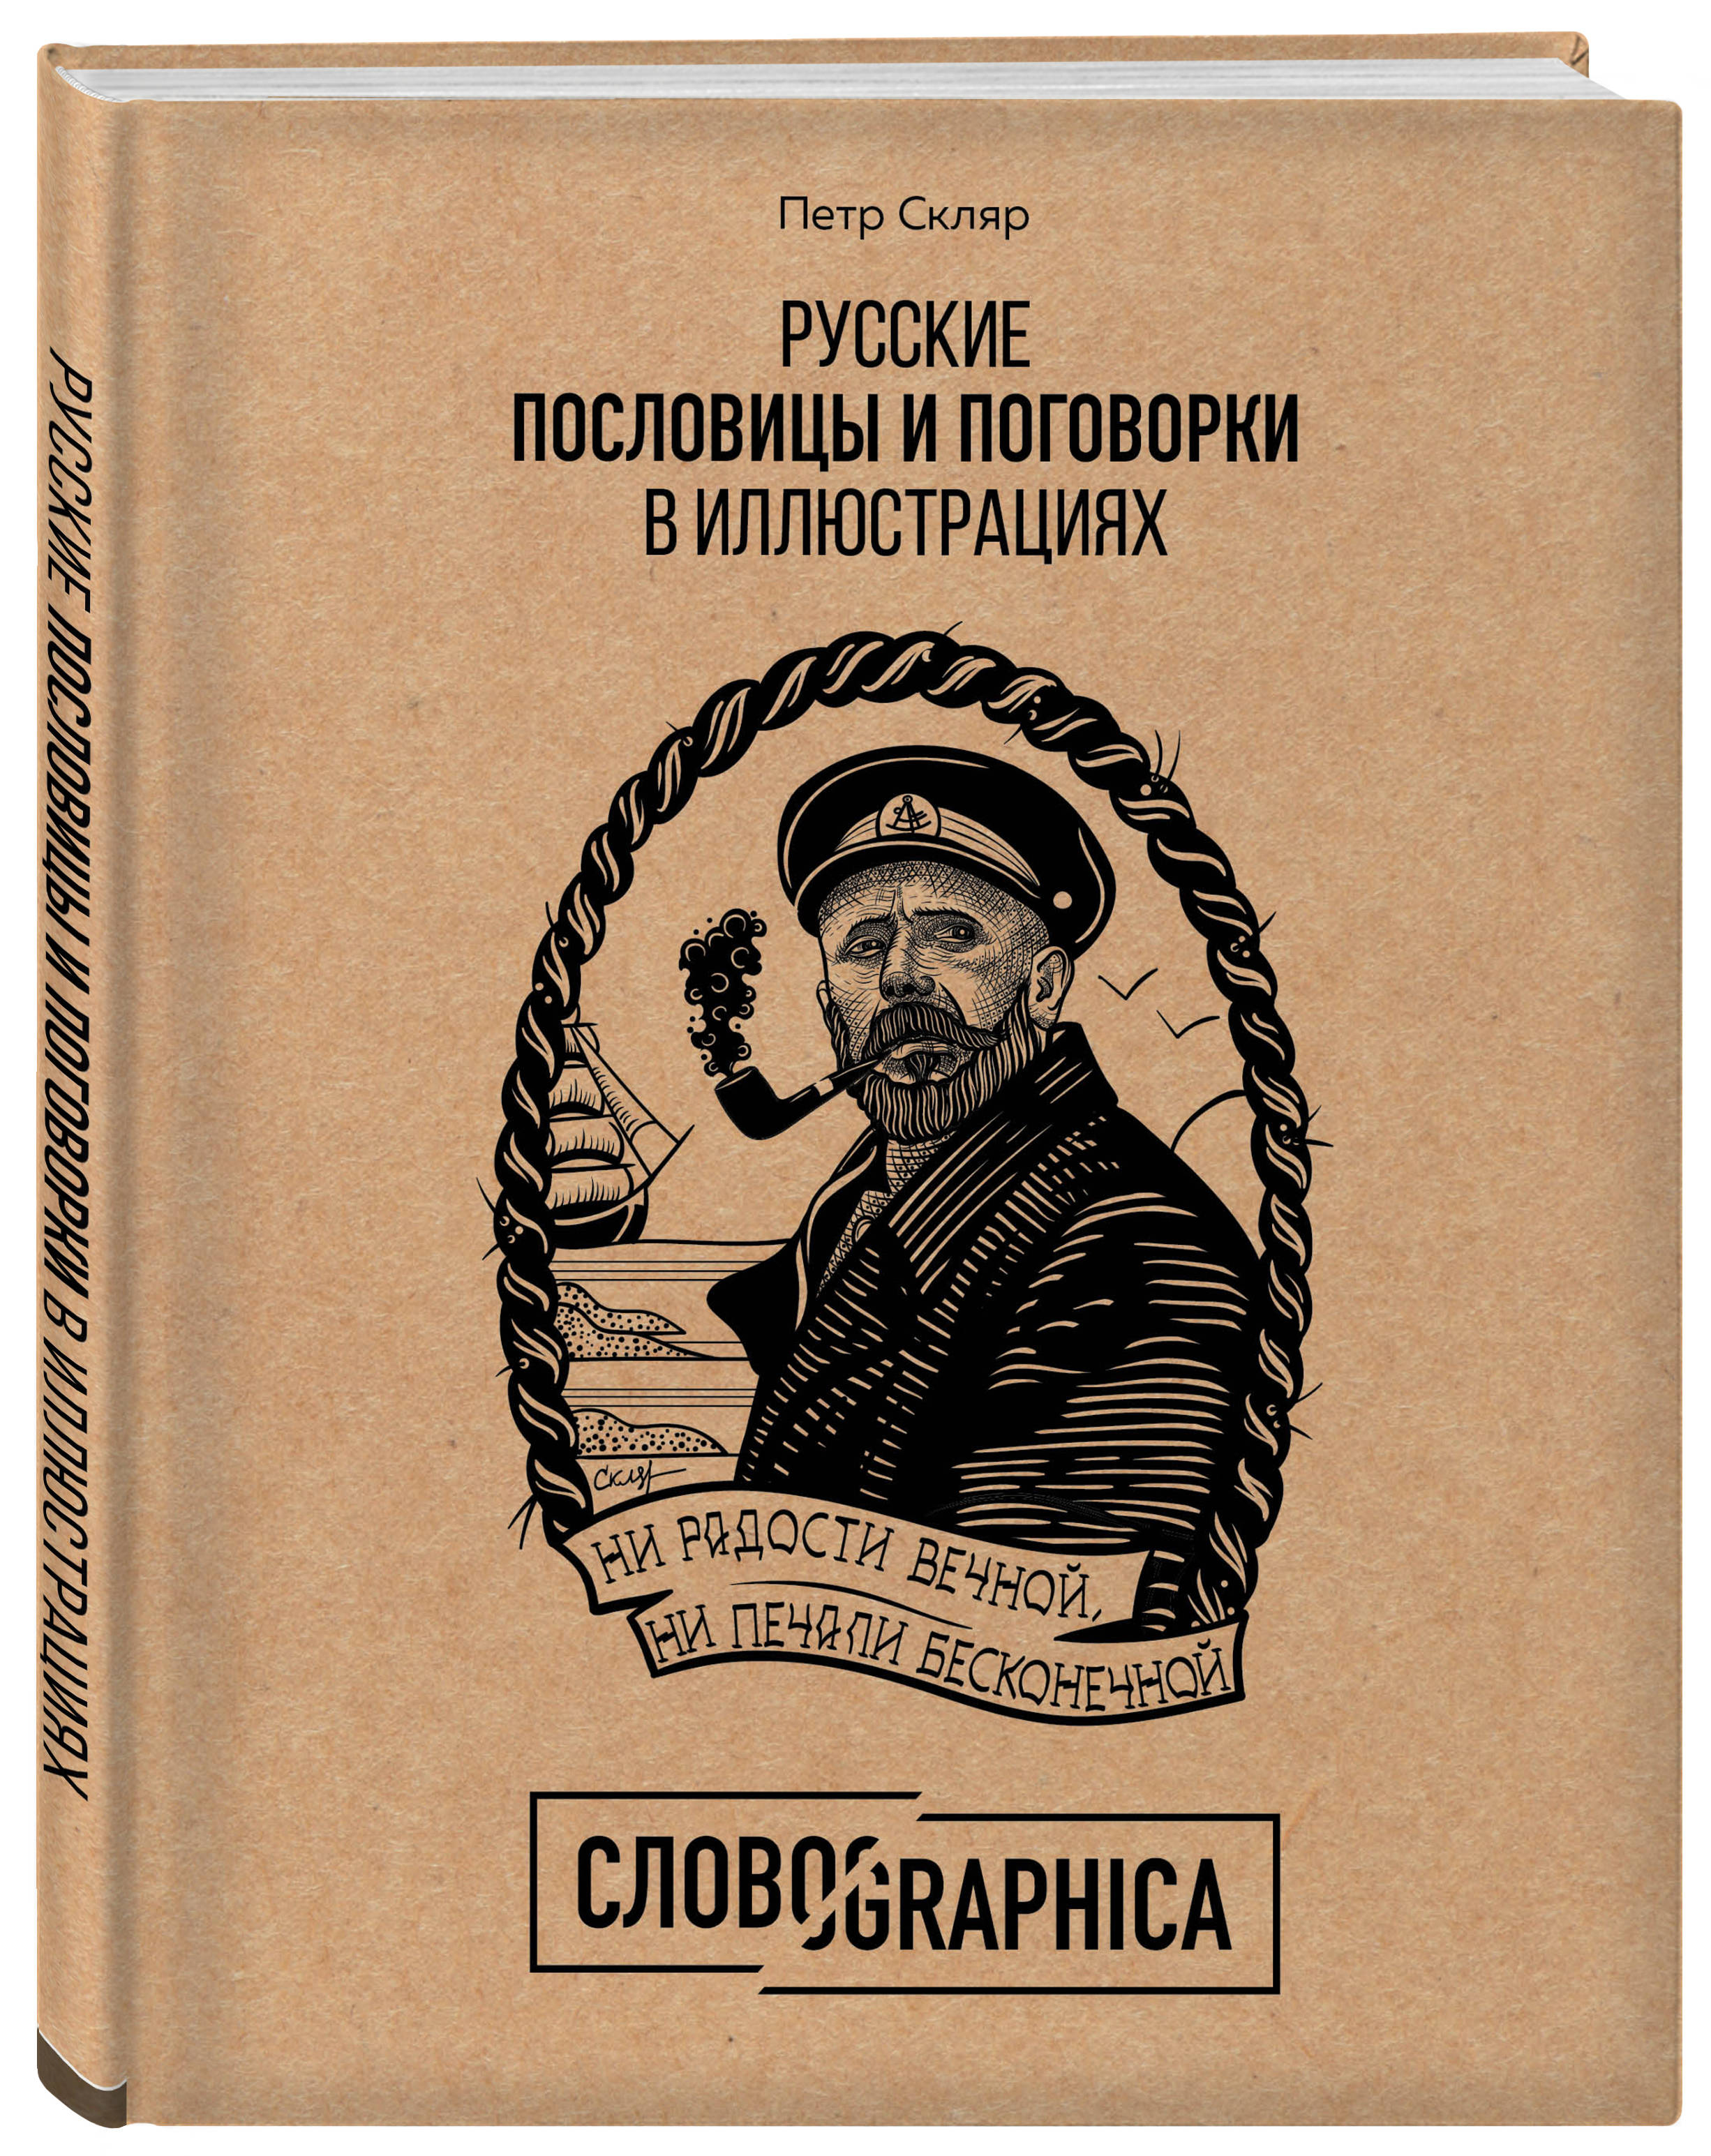 Русские пословицы и поговорки в иллюстрациях. История и происхождение ( Скляр Петр Александрович  )